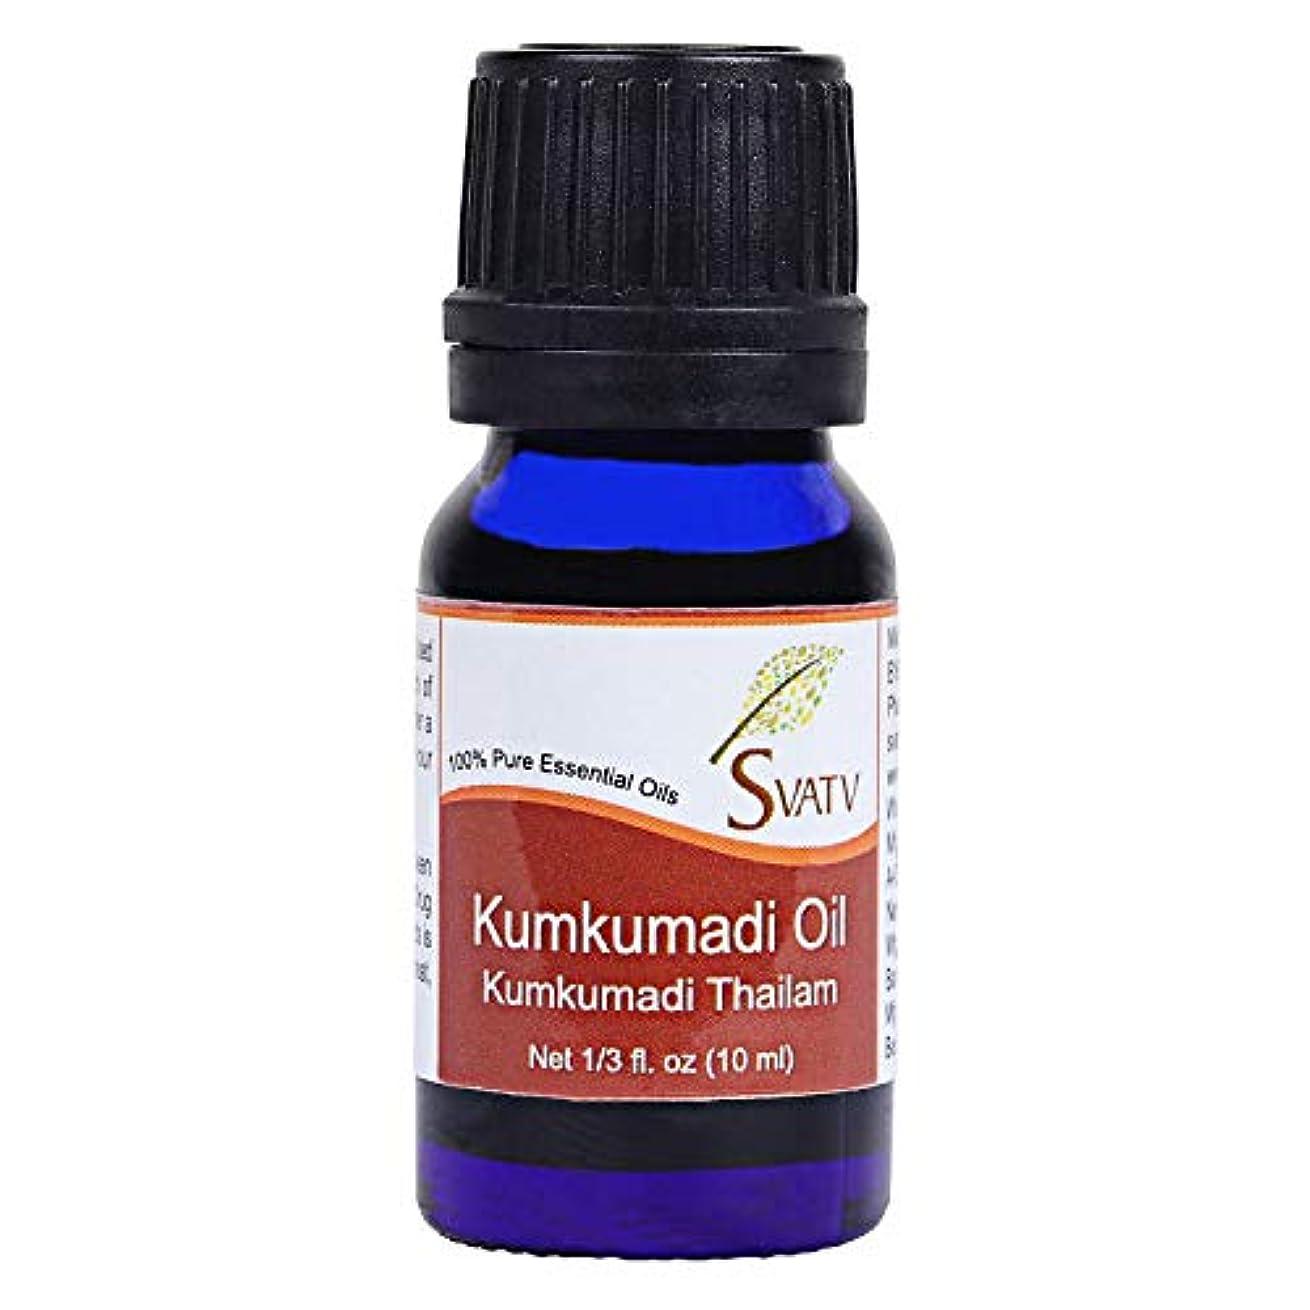 優先ハリケーンファセットSVATV KUMKUMADI (kumkumadi thailam) Essential Oil 10 mL (1/3 oz)Therapeutic Grade Aromatherapy Essential Oil